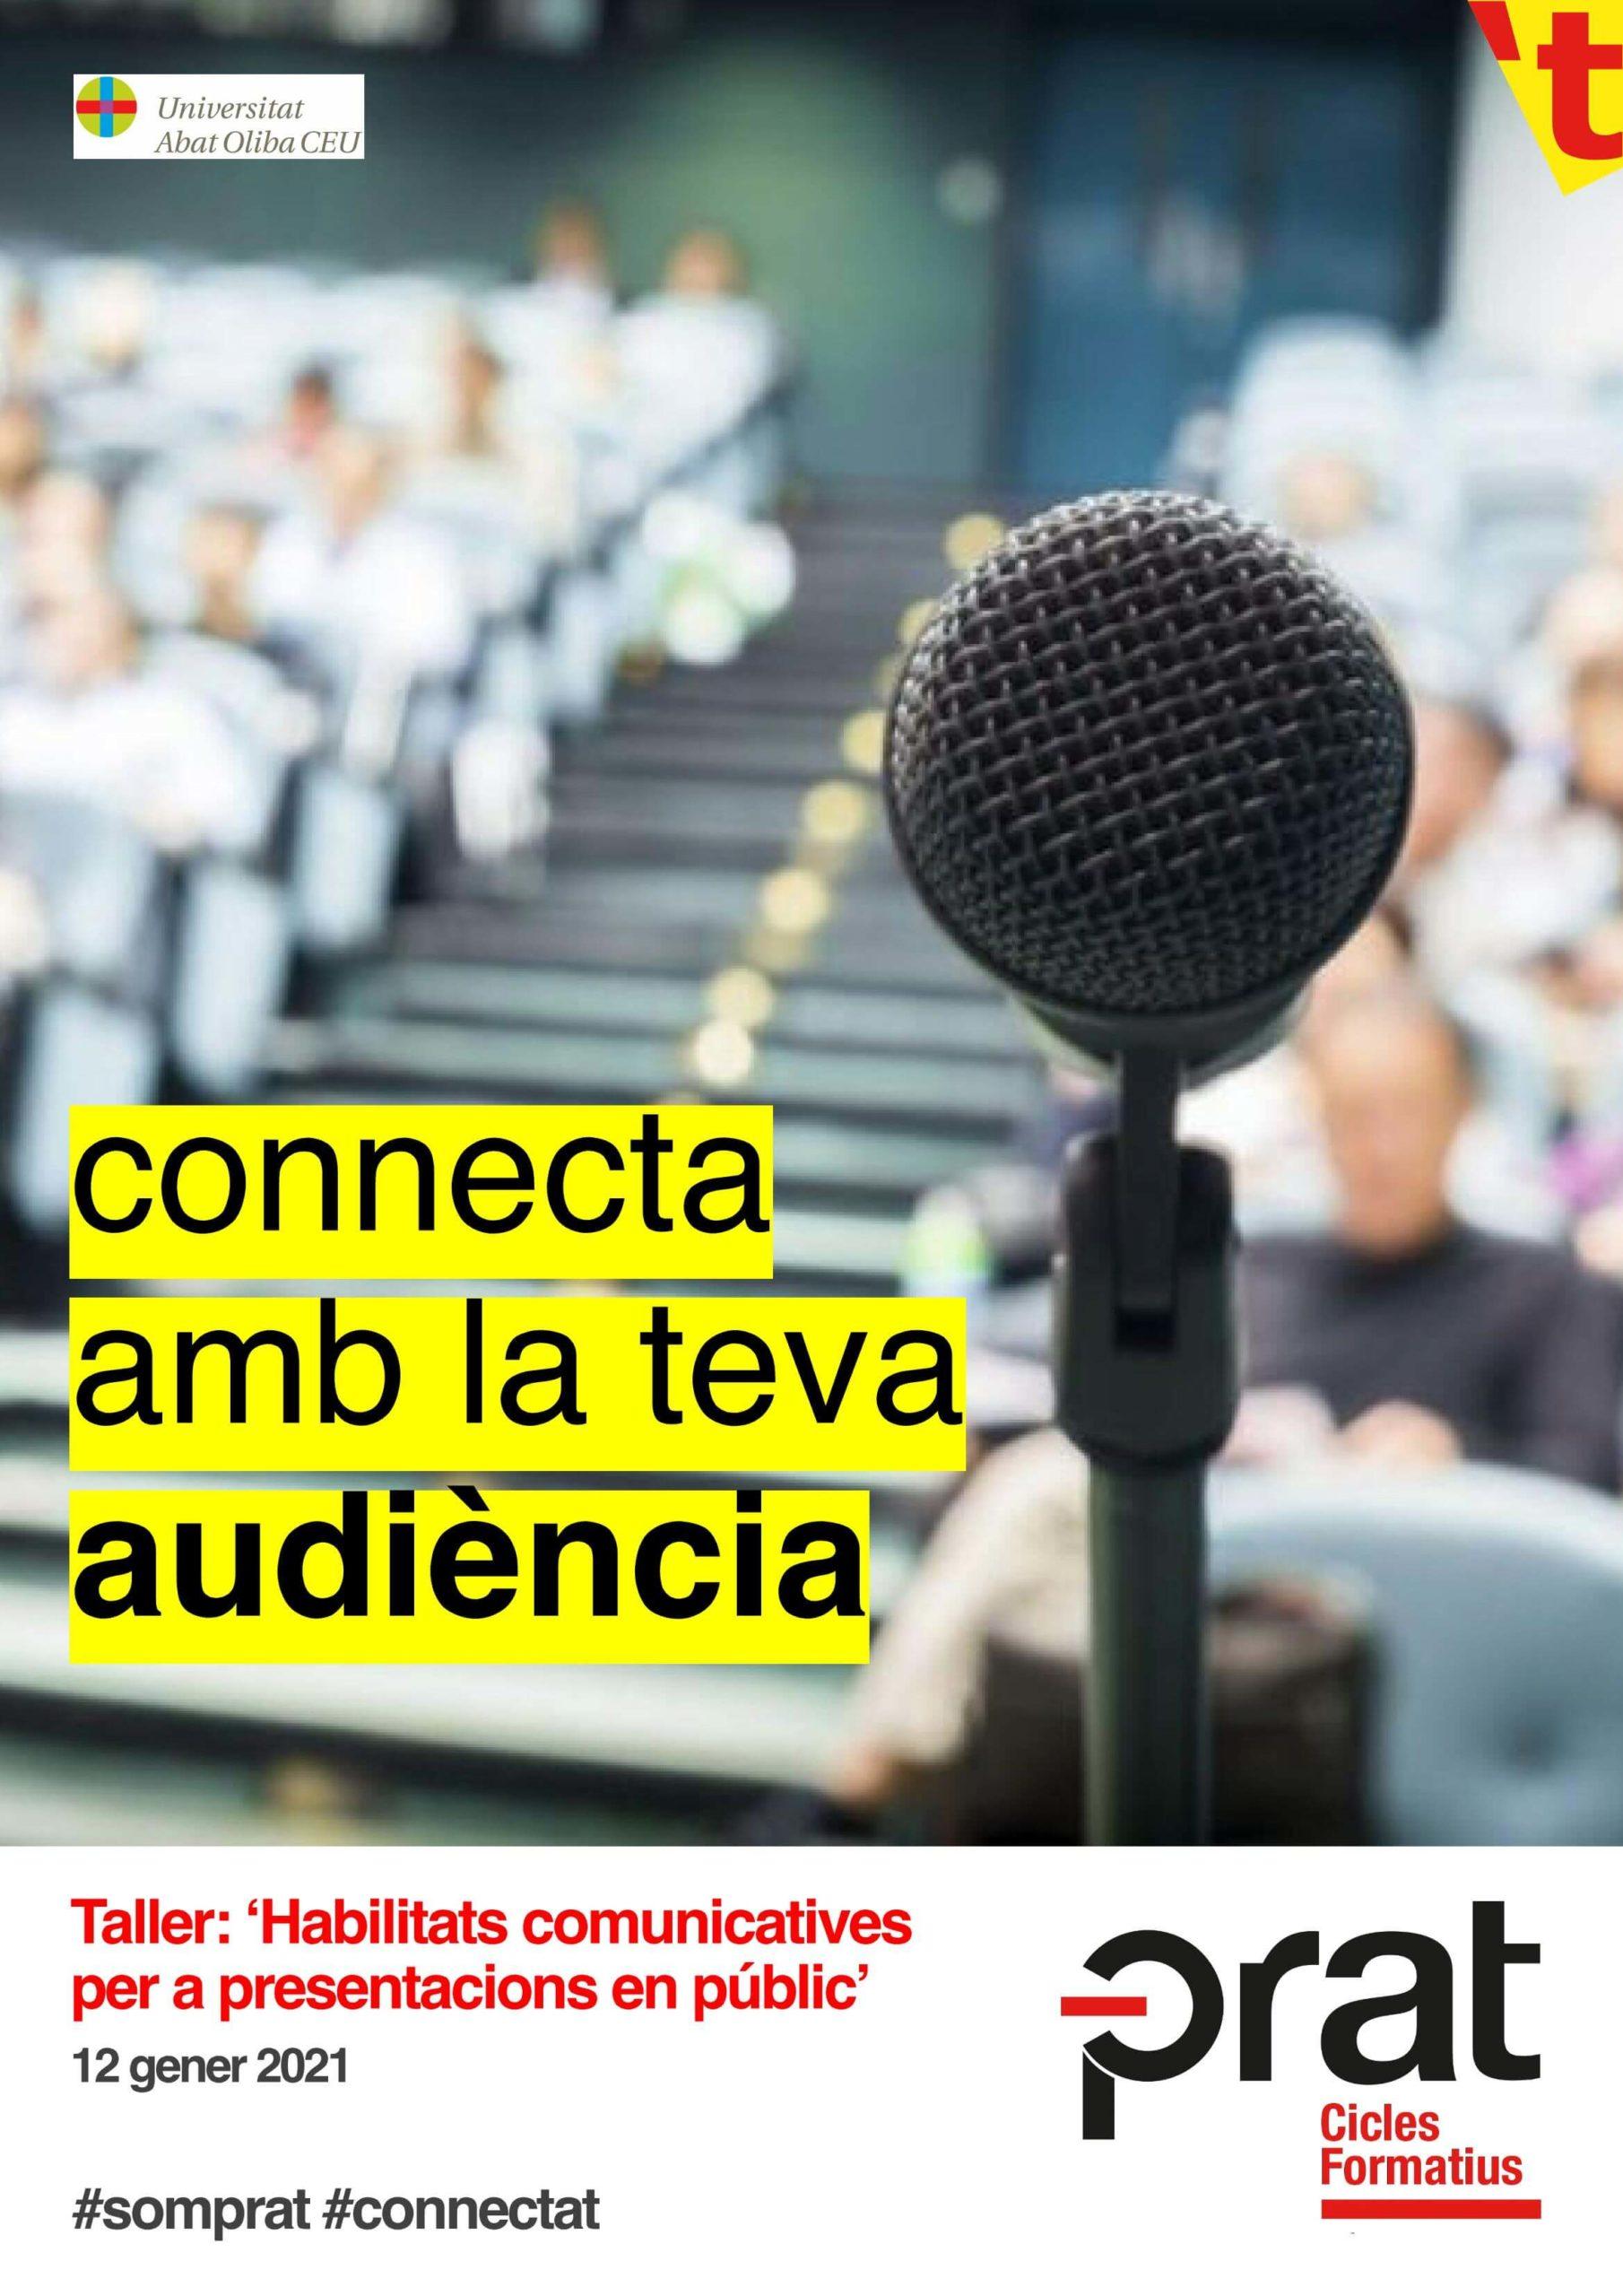 Taller habilitats comunicatives per a presentacions en públic